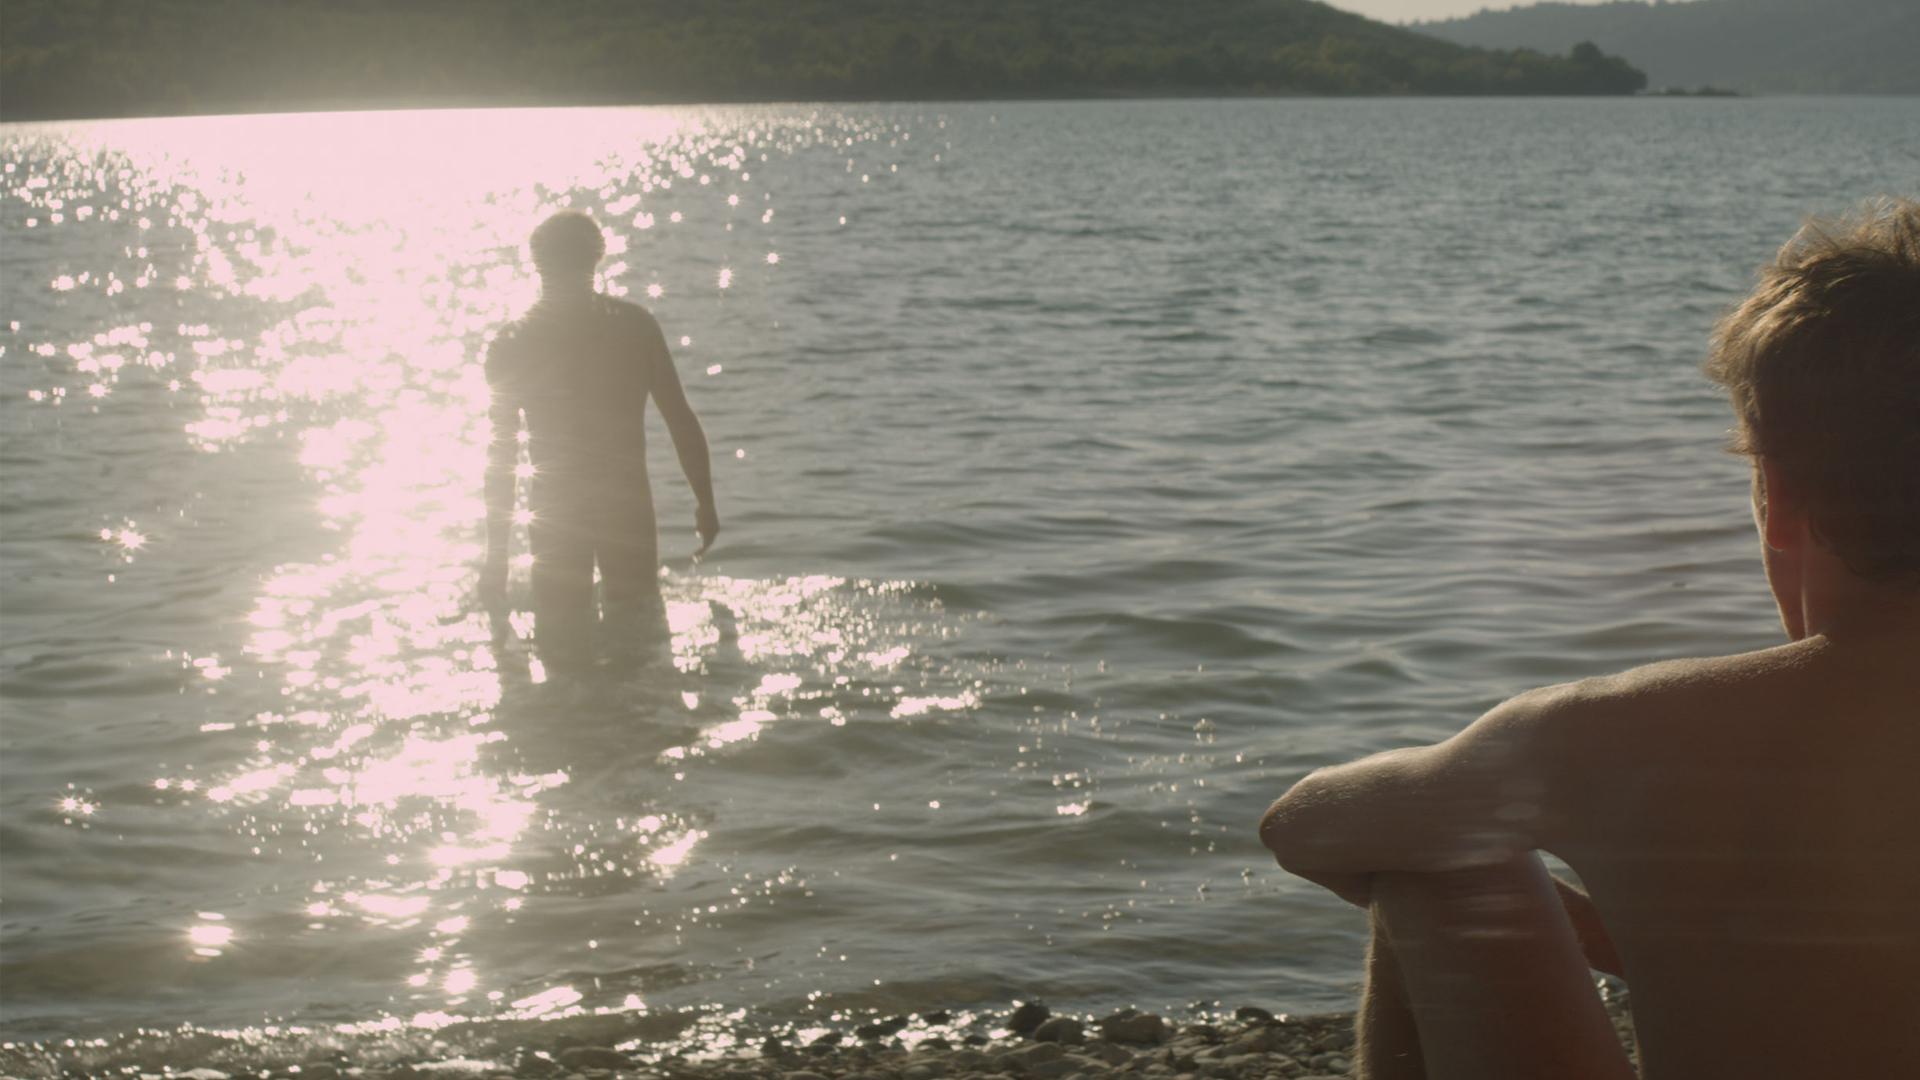 Незнакомец У Озера Рецензии